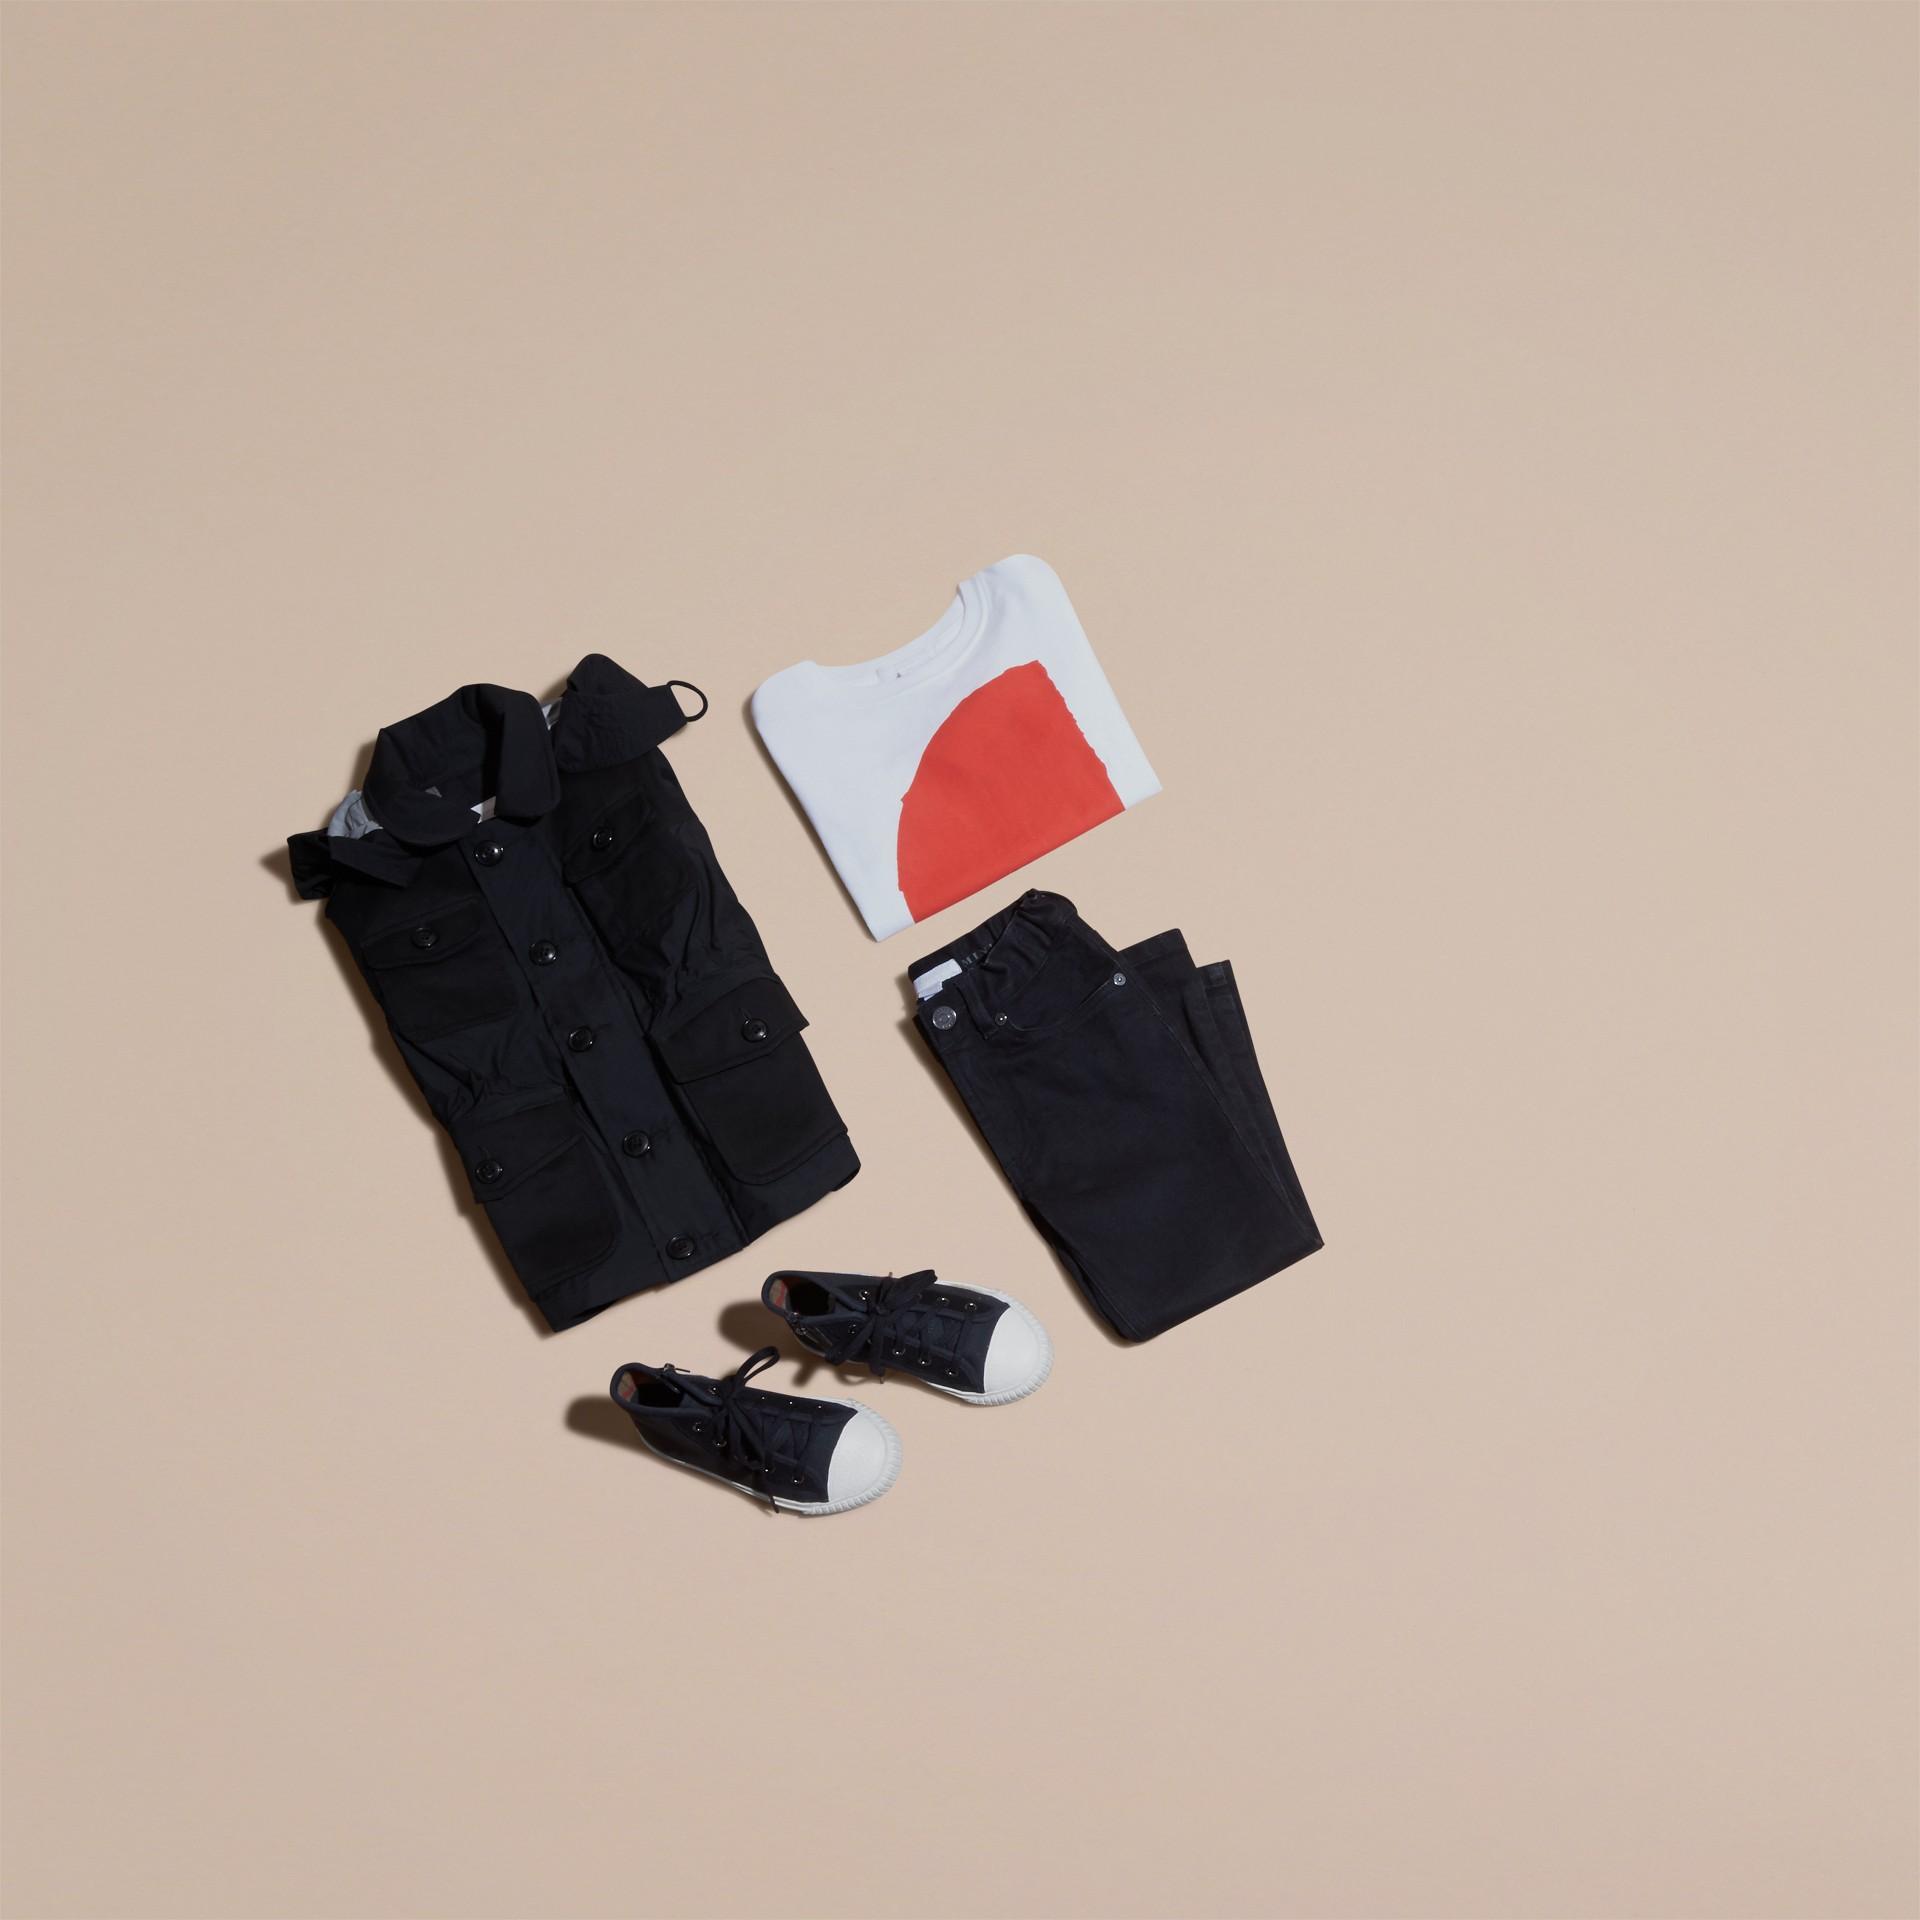 Schwarz Jacke aus technischer Faser mit abnehmbarer Kapuze - Galerie-Bild 5